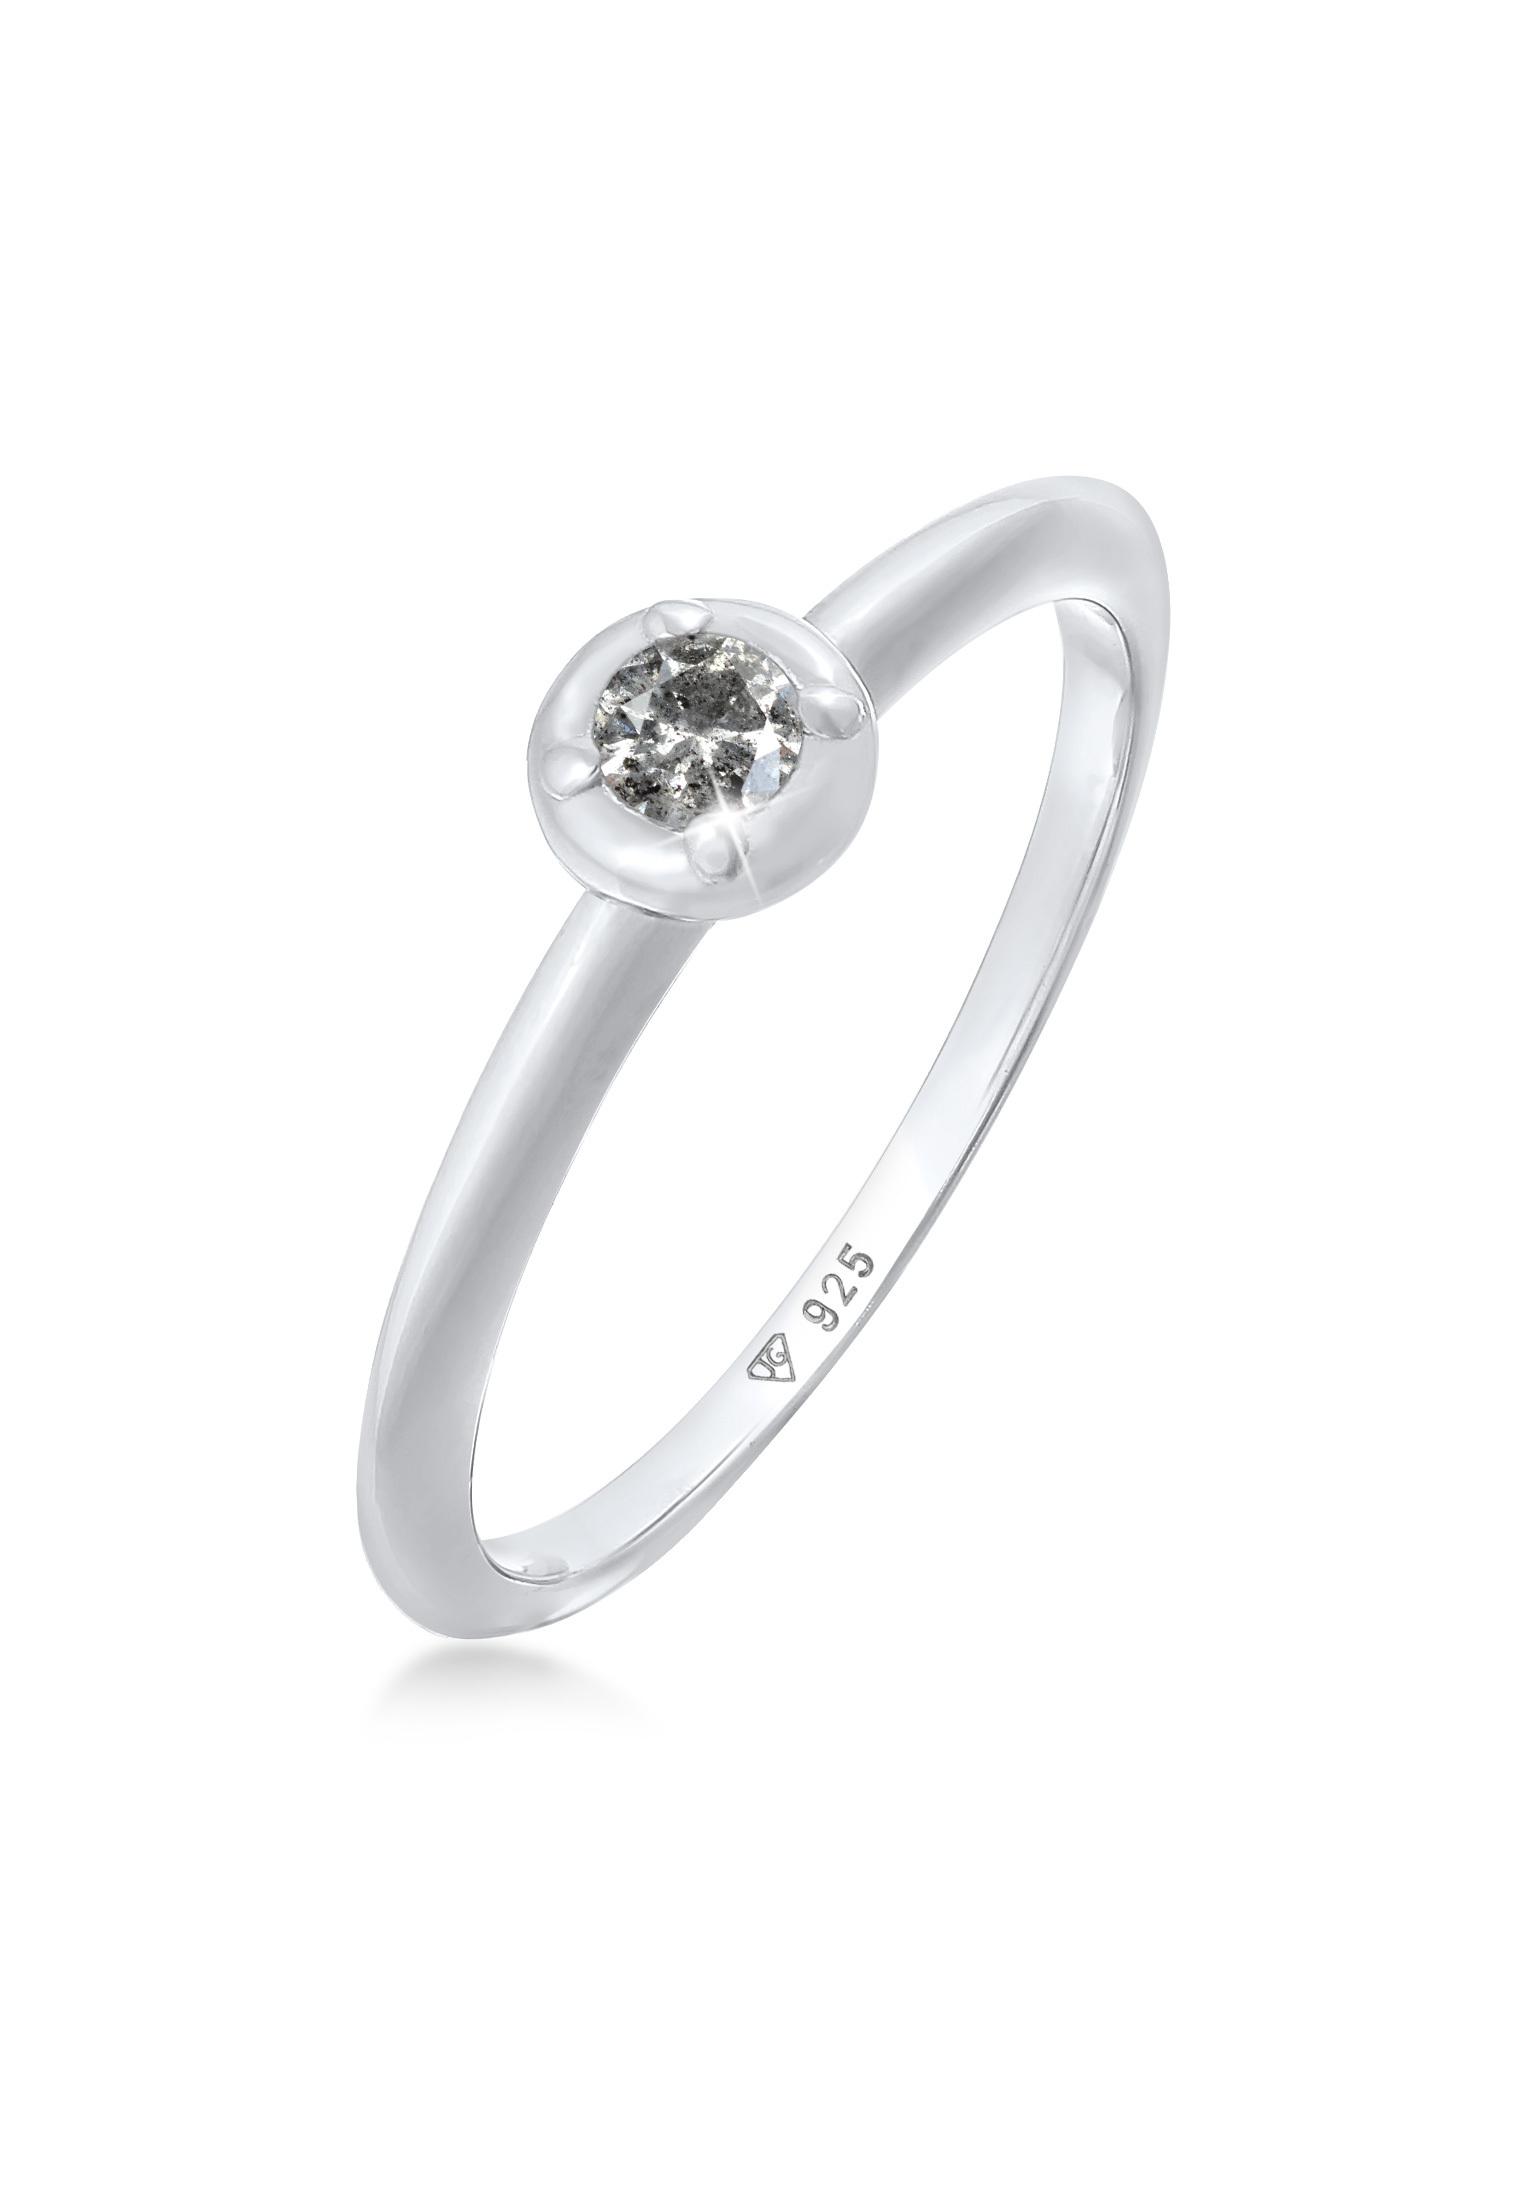 Ring | Salt & Pepper Diamant (0.05 ct.) | 925er Sterling Silber